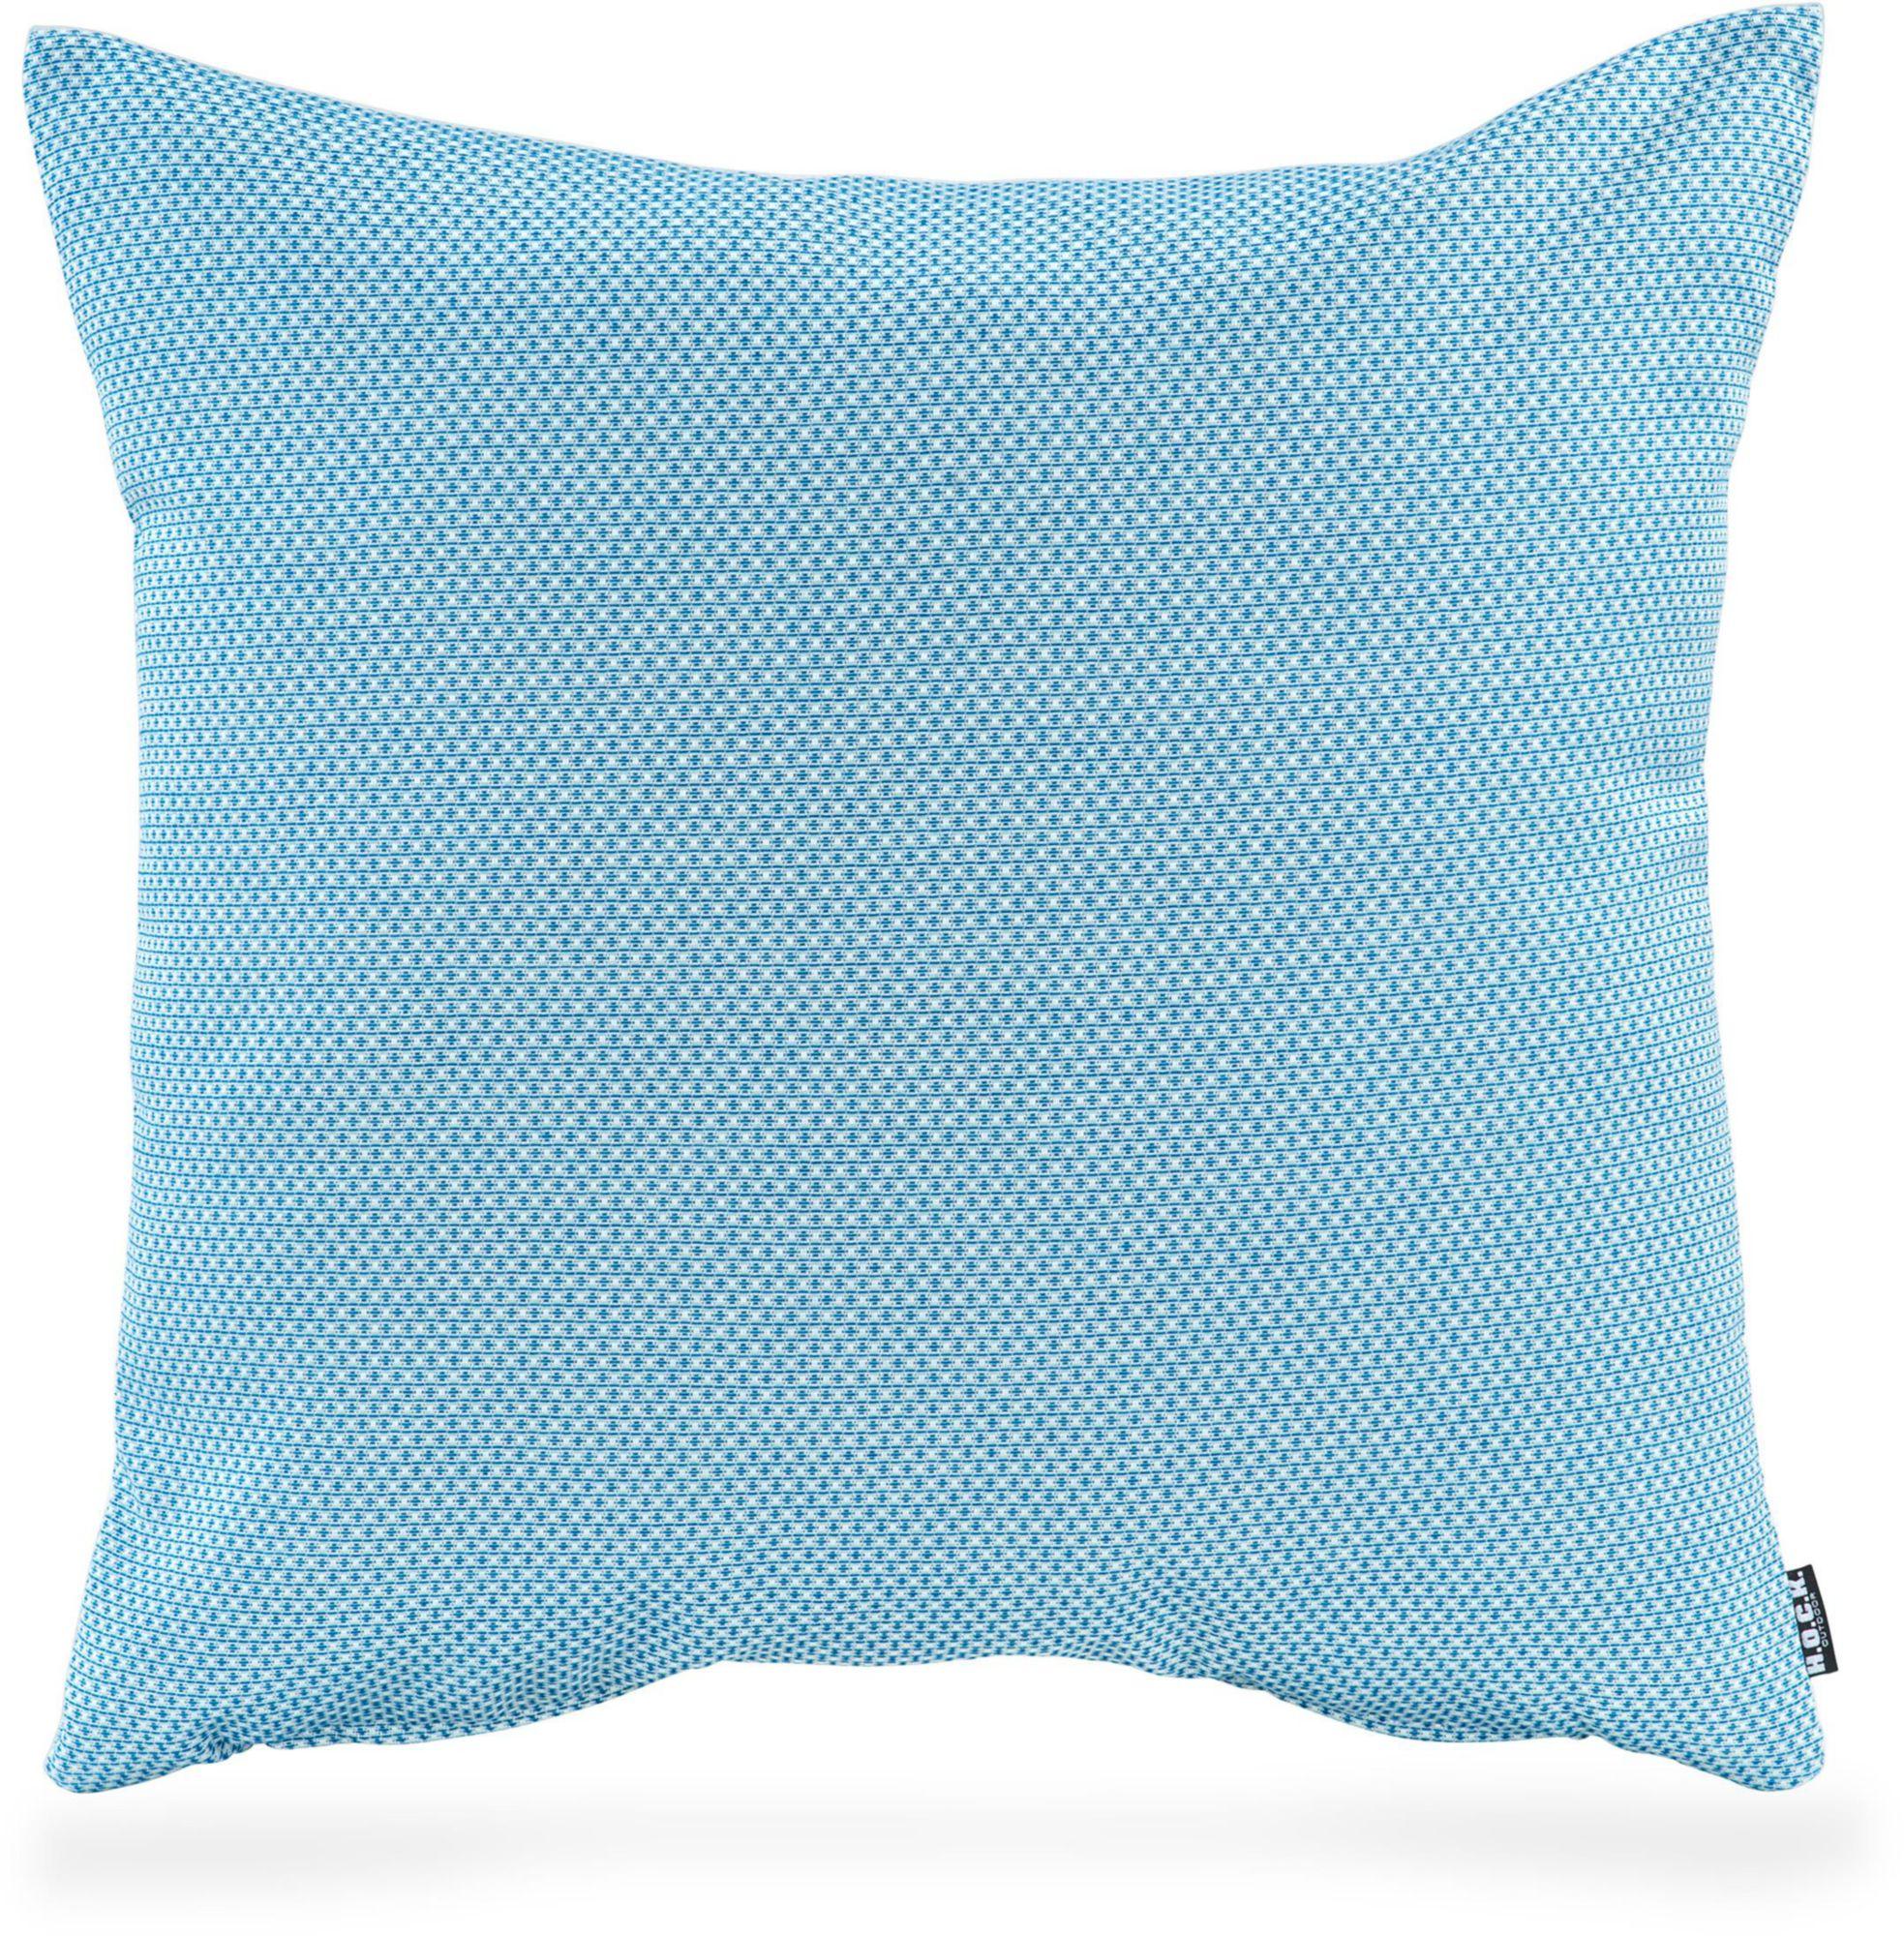 HOCK Hock Outdoor-Kissen »Gian blue No 66«, 50/50 cm